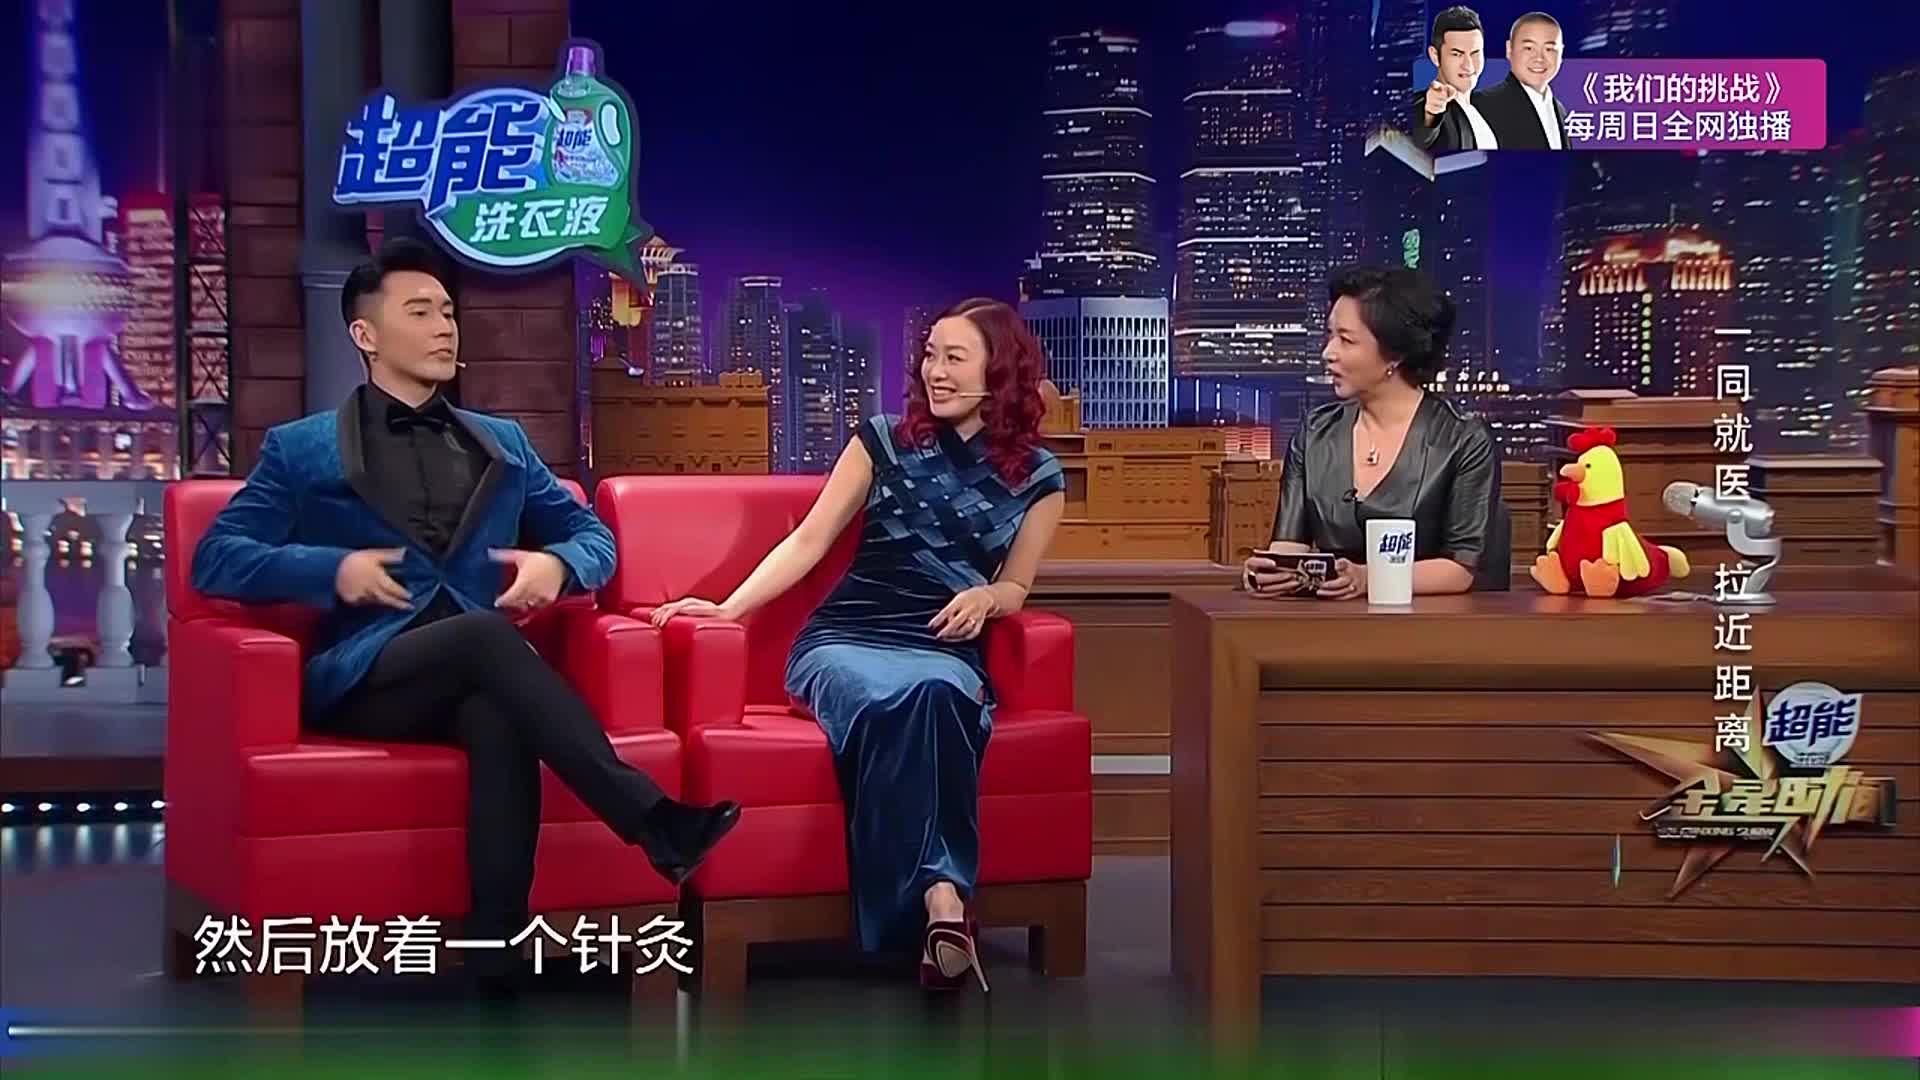 金星秀:钟丽缇和张伦硕如何结缘,竟是因为去看同一家中医!